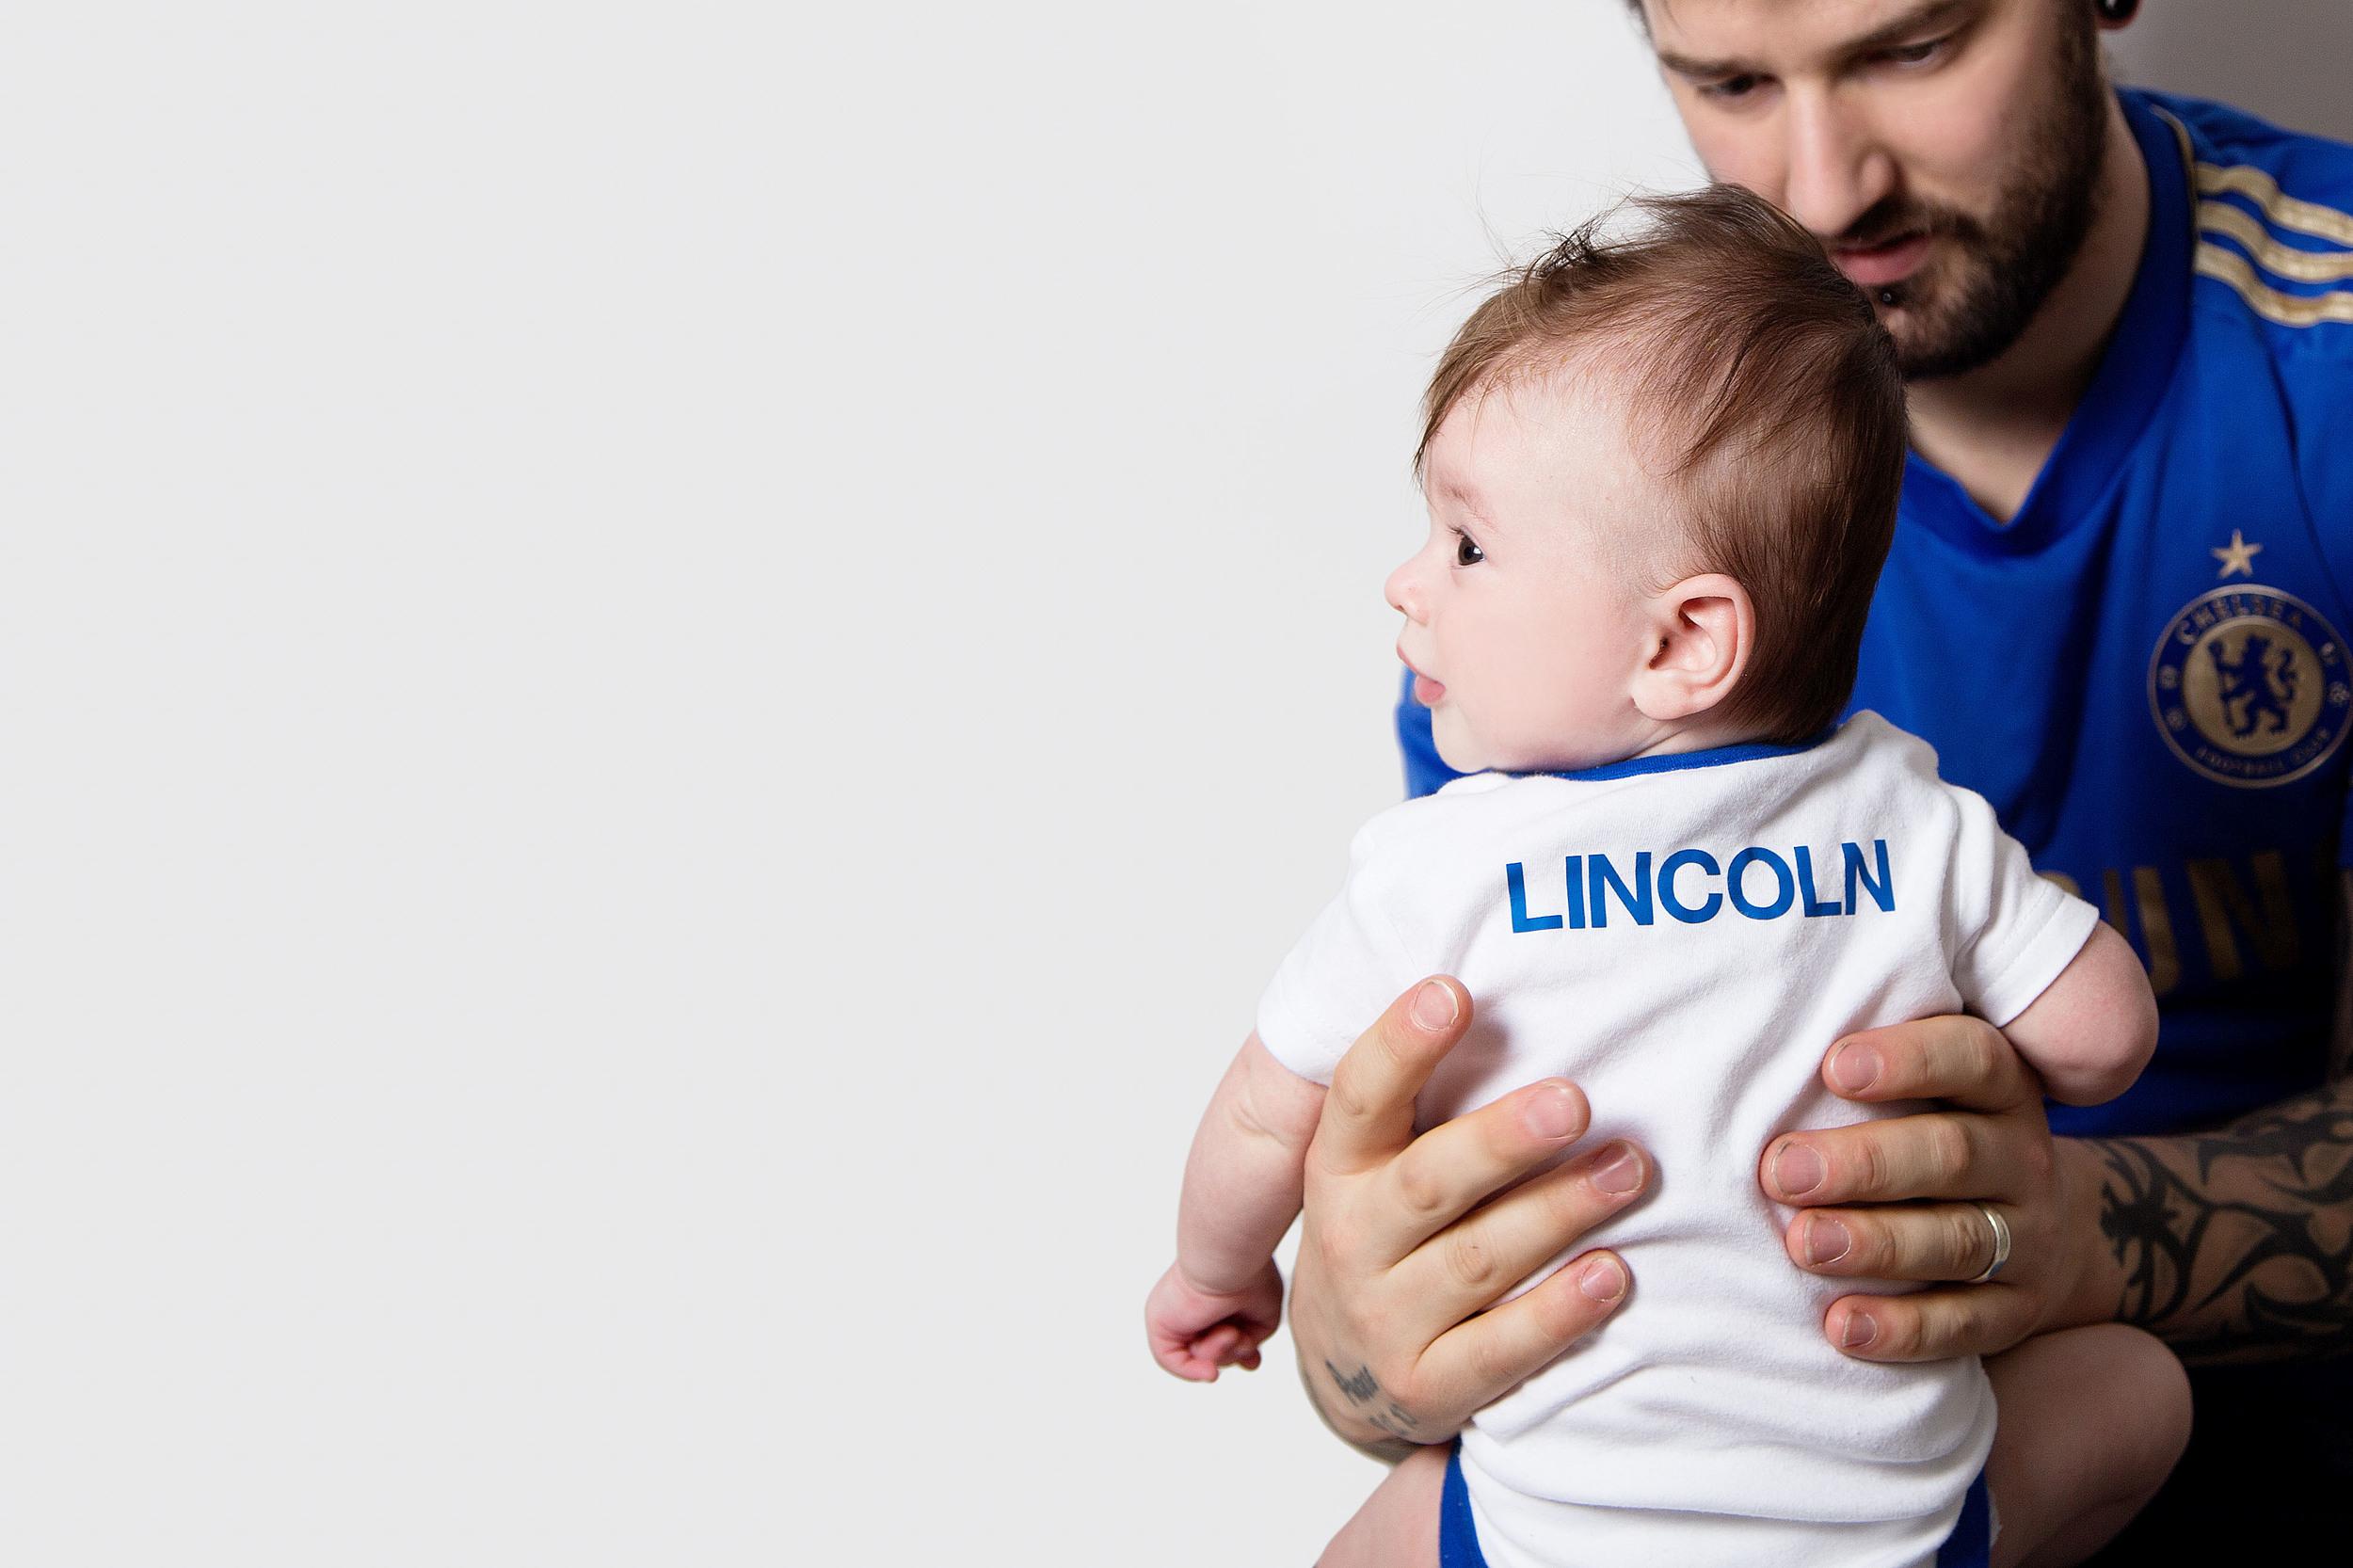 Lincoln_Baker (118 of 126).jpg